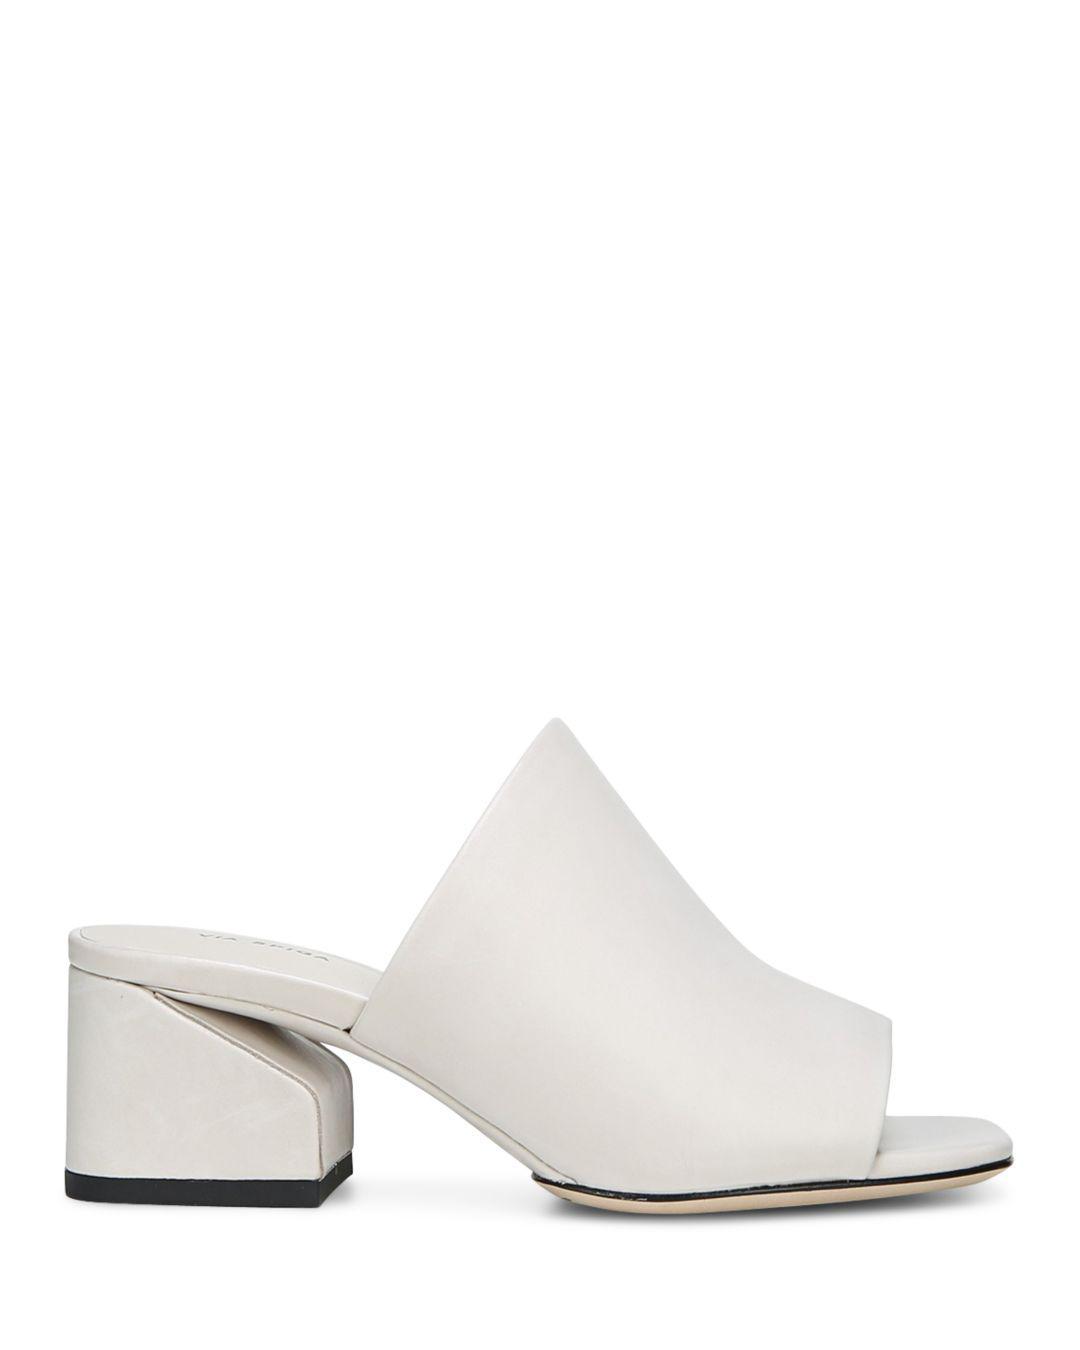 28ddf135c978 Via Spiga Women s Porter Leather Block Heel Slide Sandals in White ...